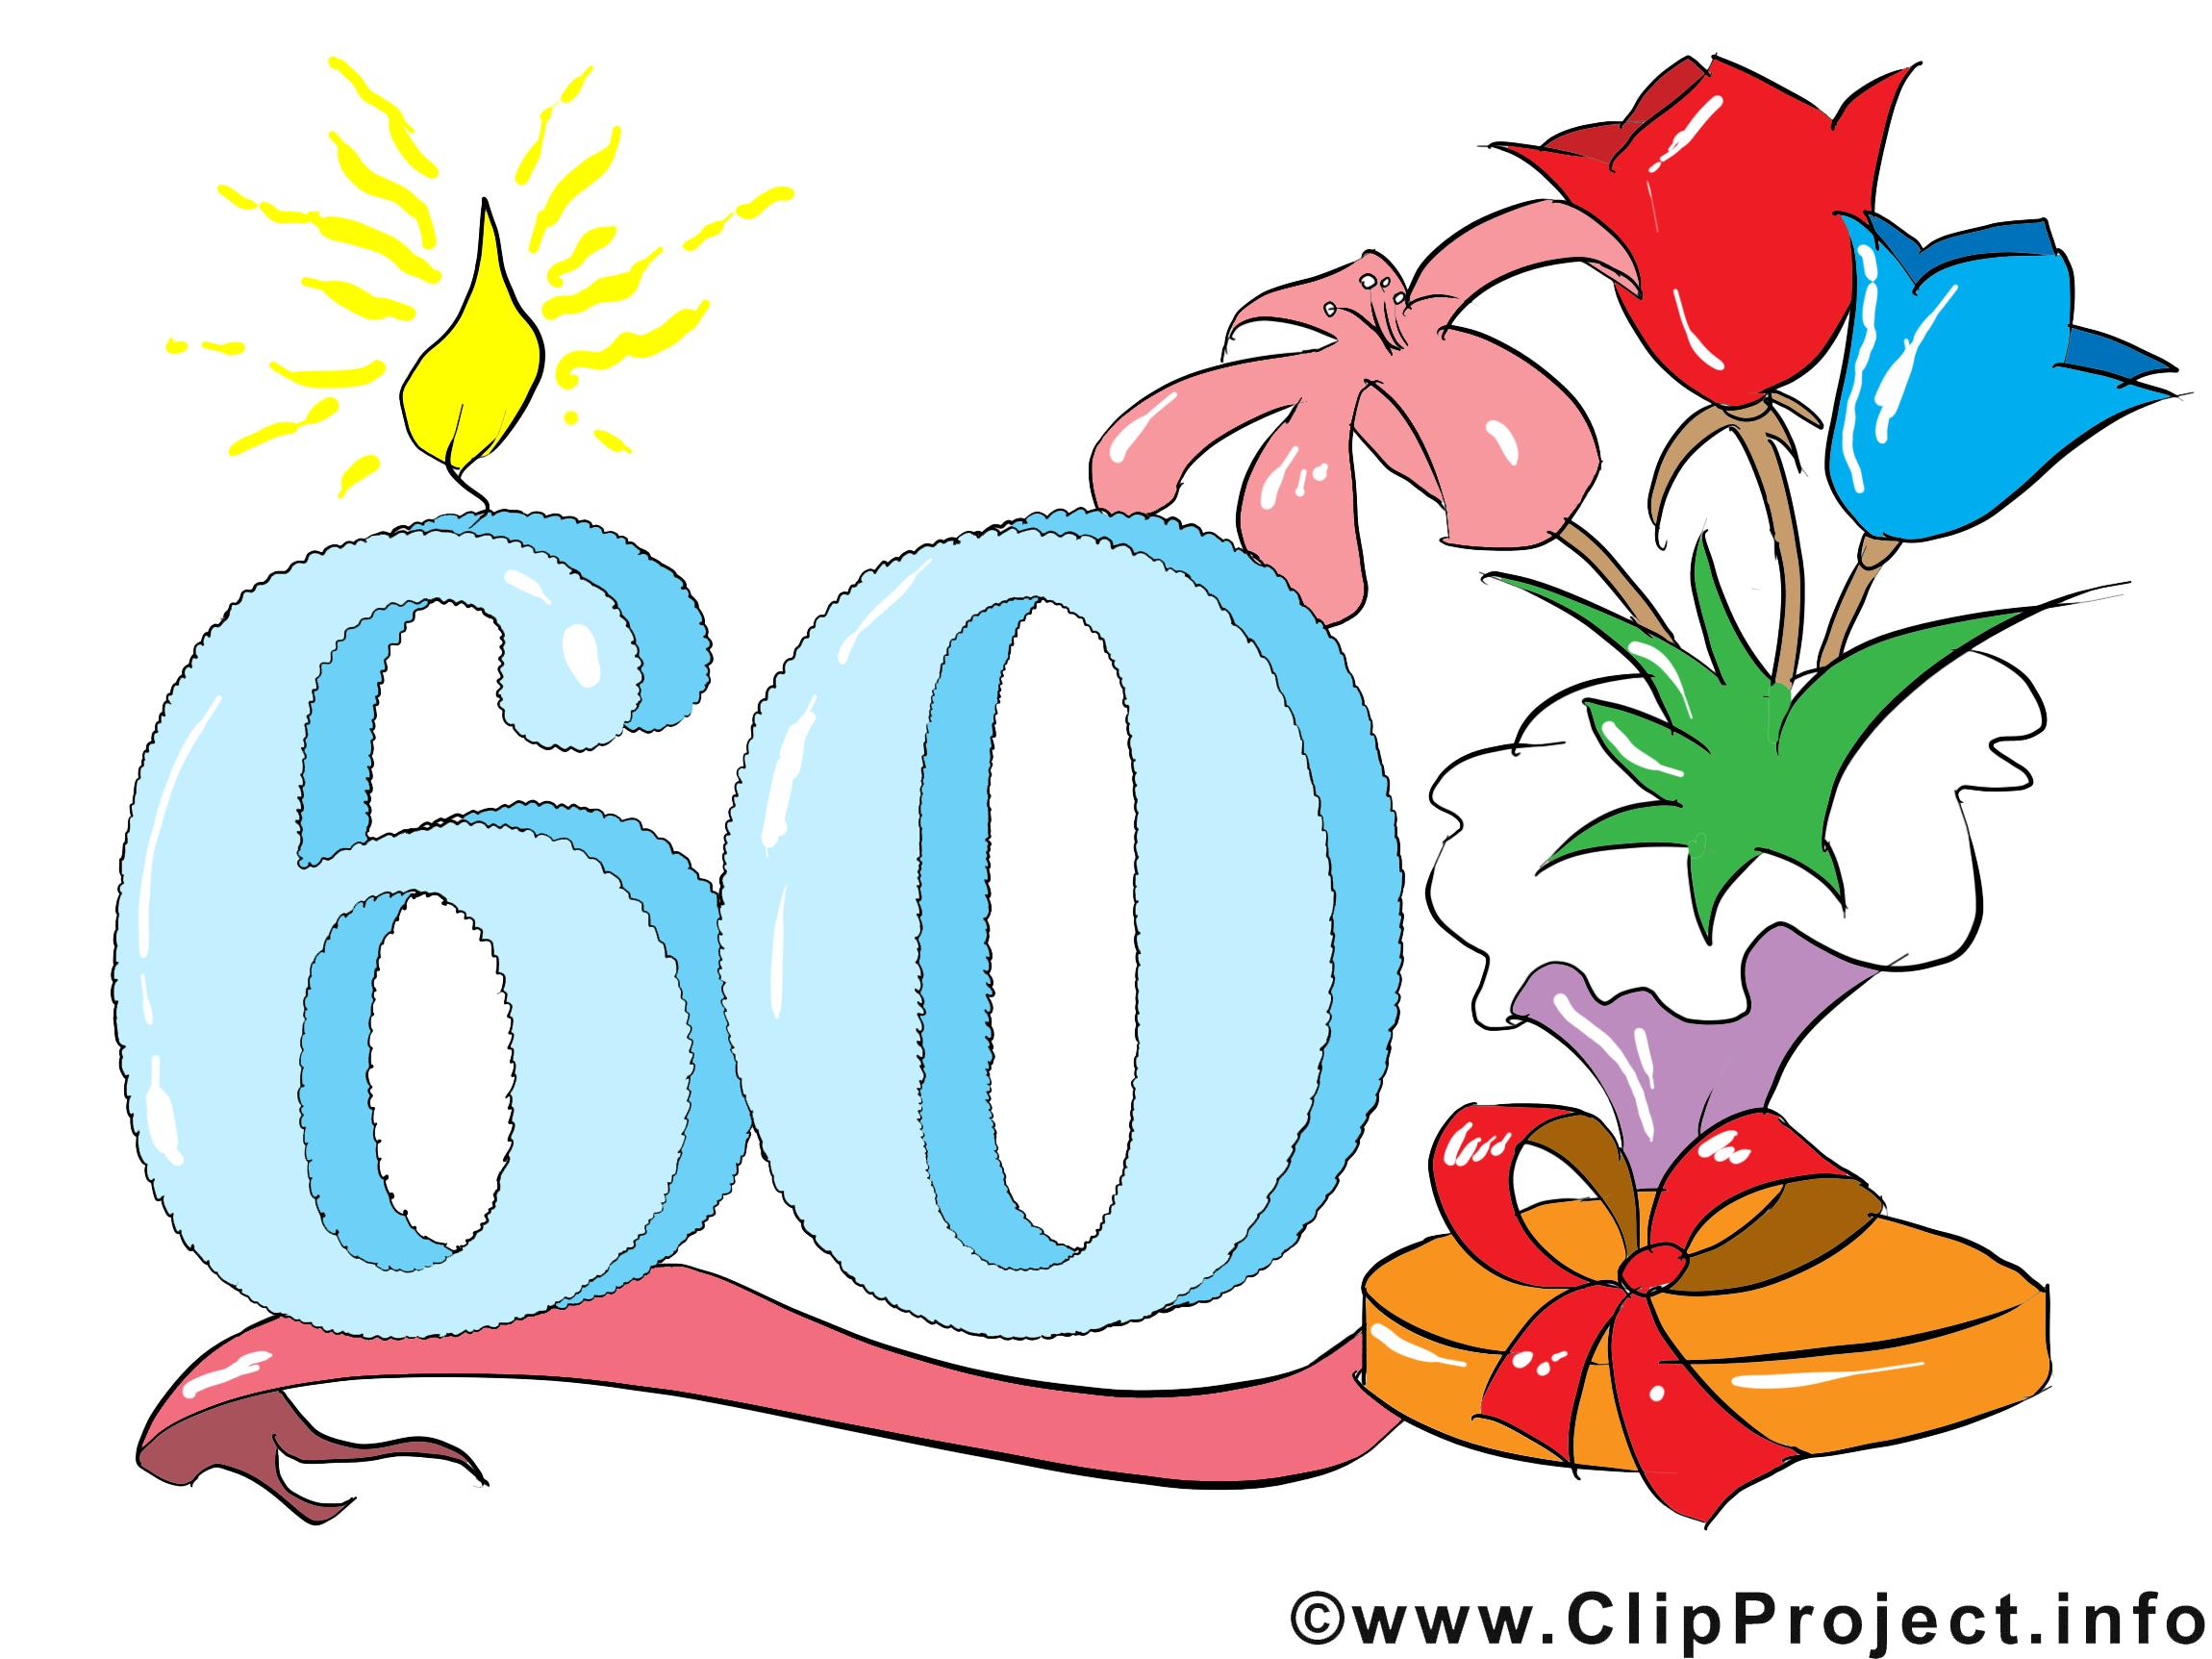 60 ans clipart gratuit – Anniversaire images